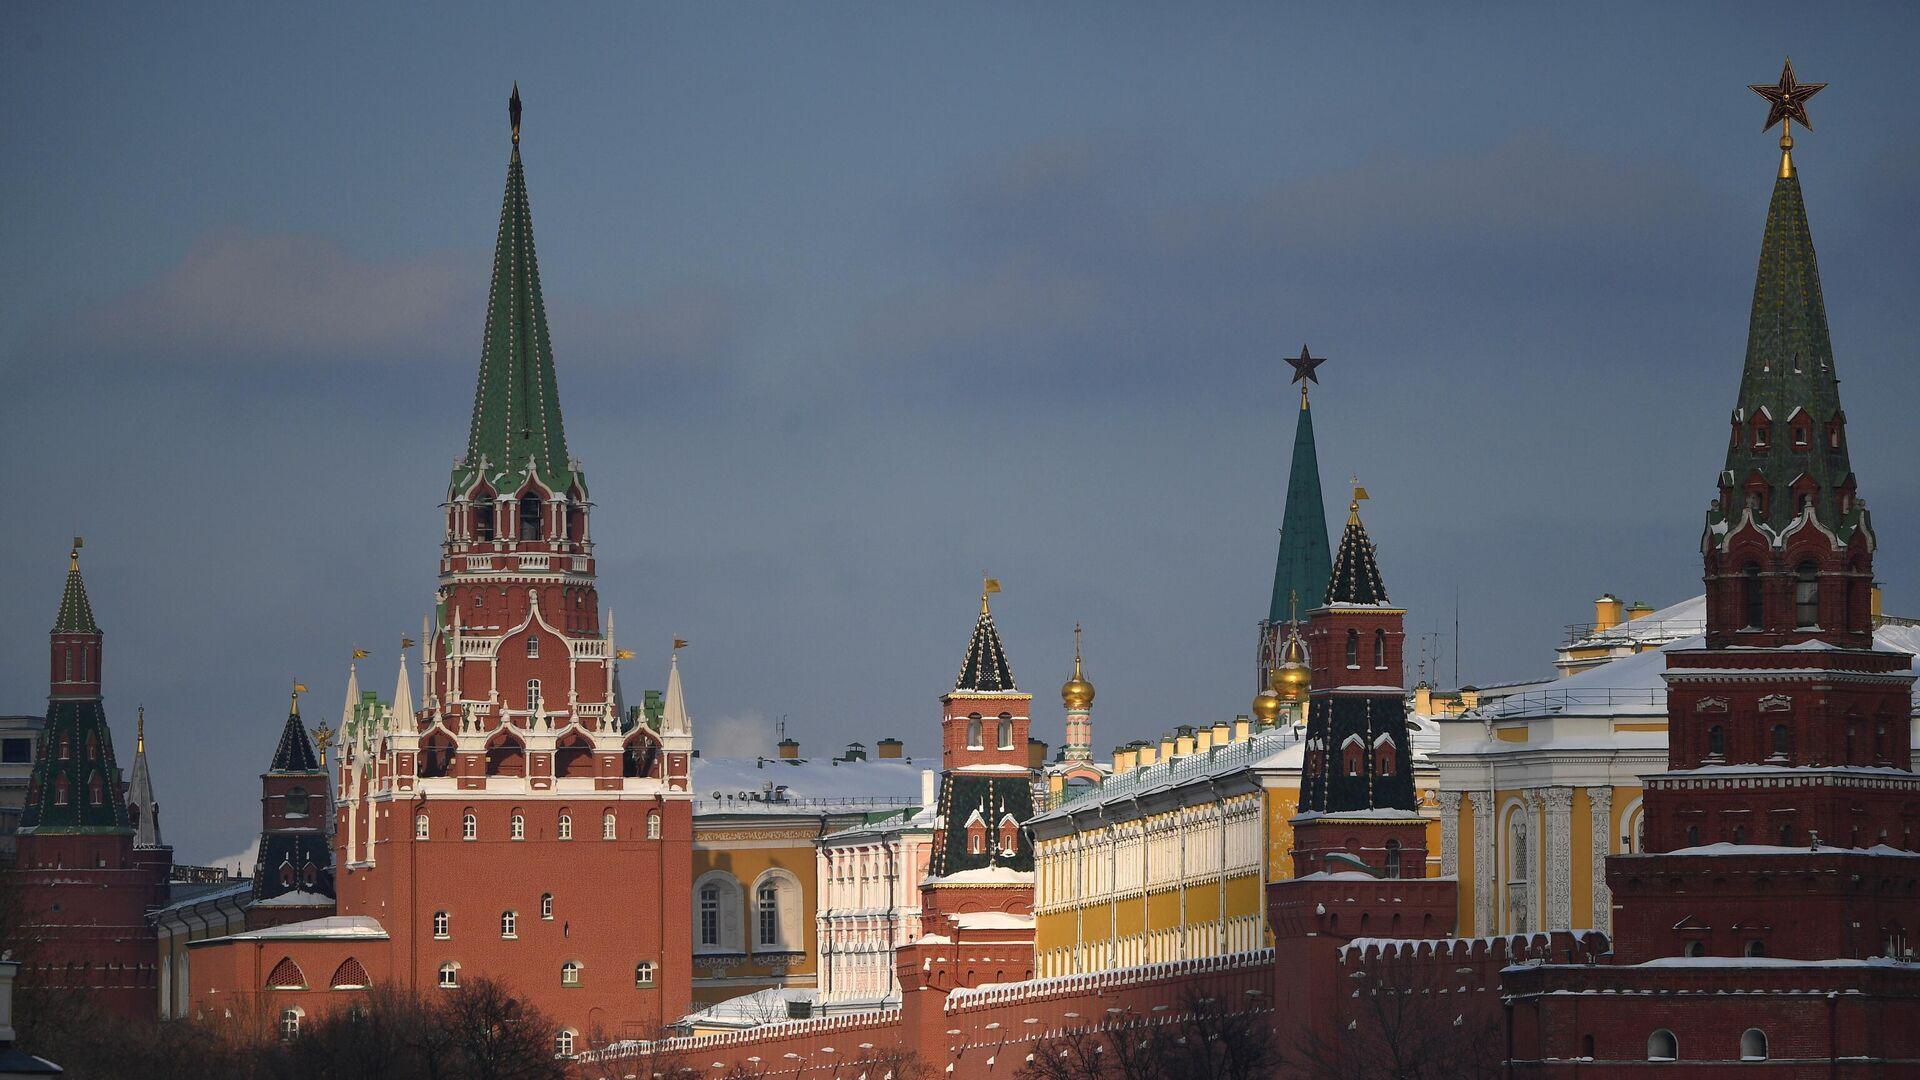 Московский Кремль - РИА Новости, 1920, 24.03.2021